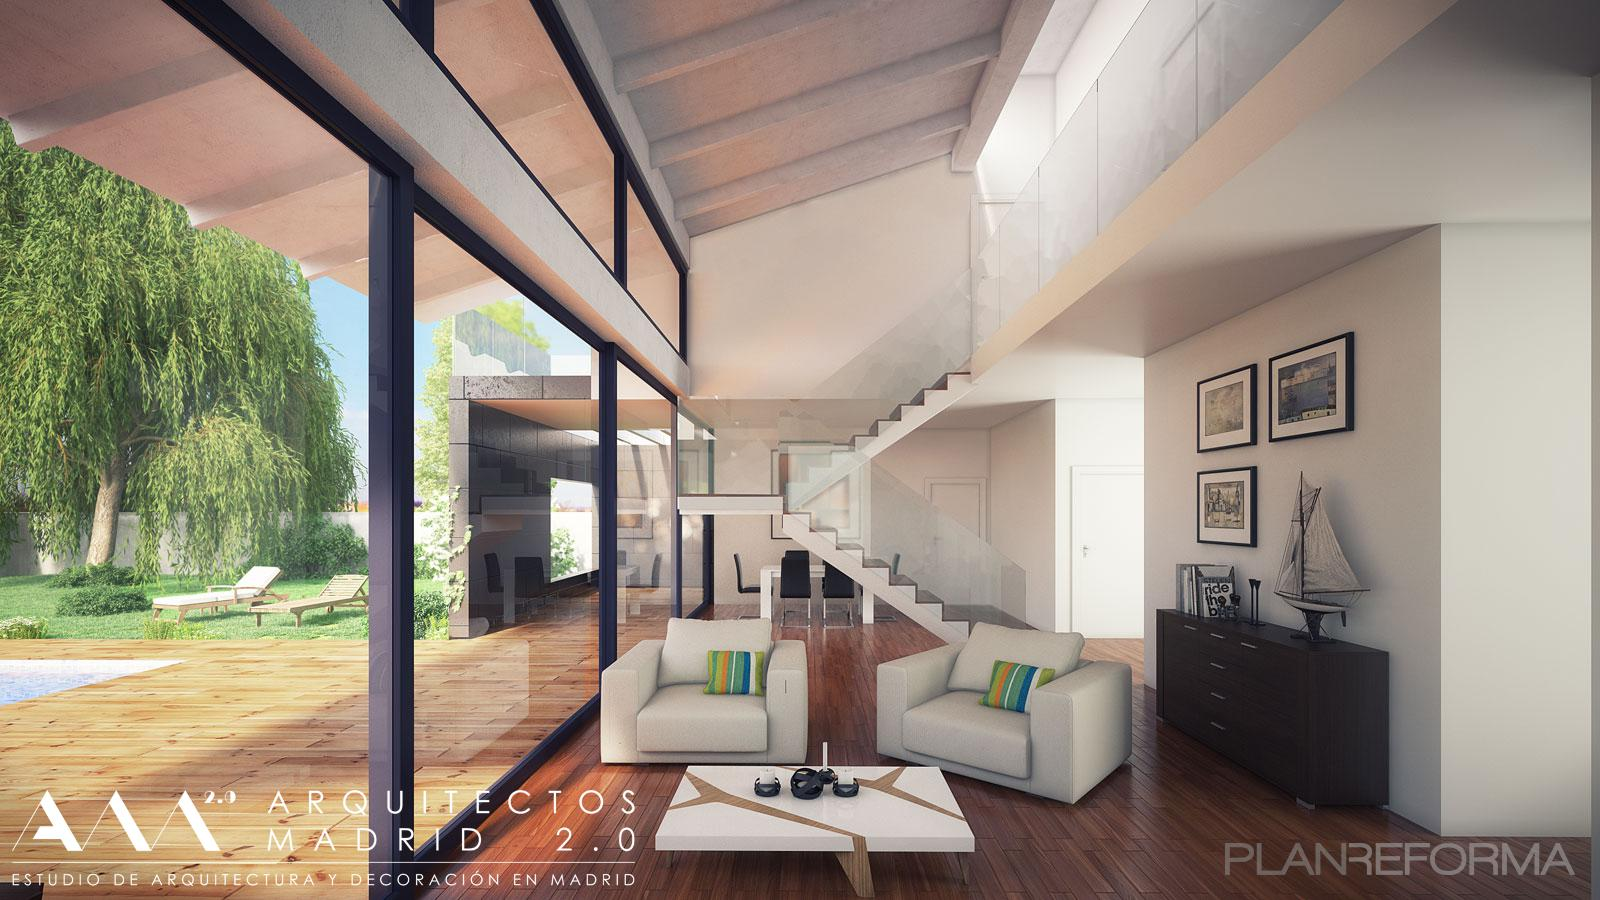 Exterior jardin loft style moderno color marron blanco negro - Listado arquitectos madrid ...